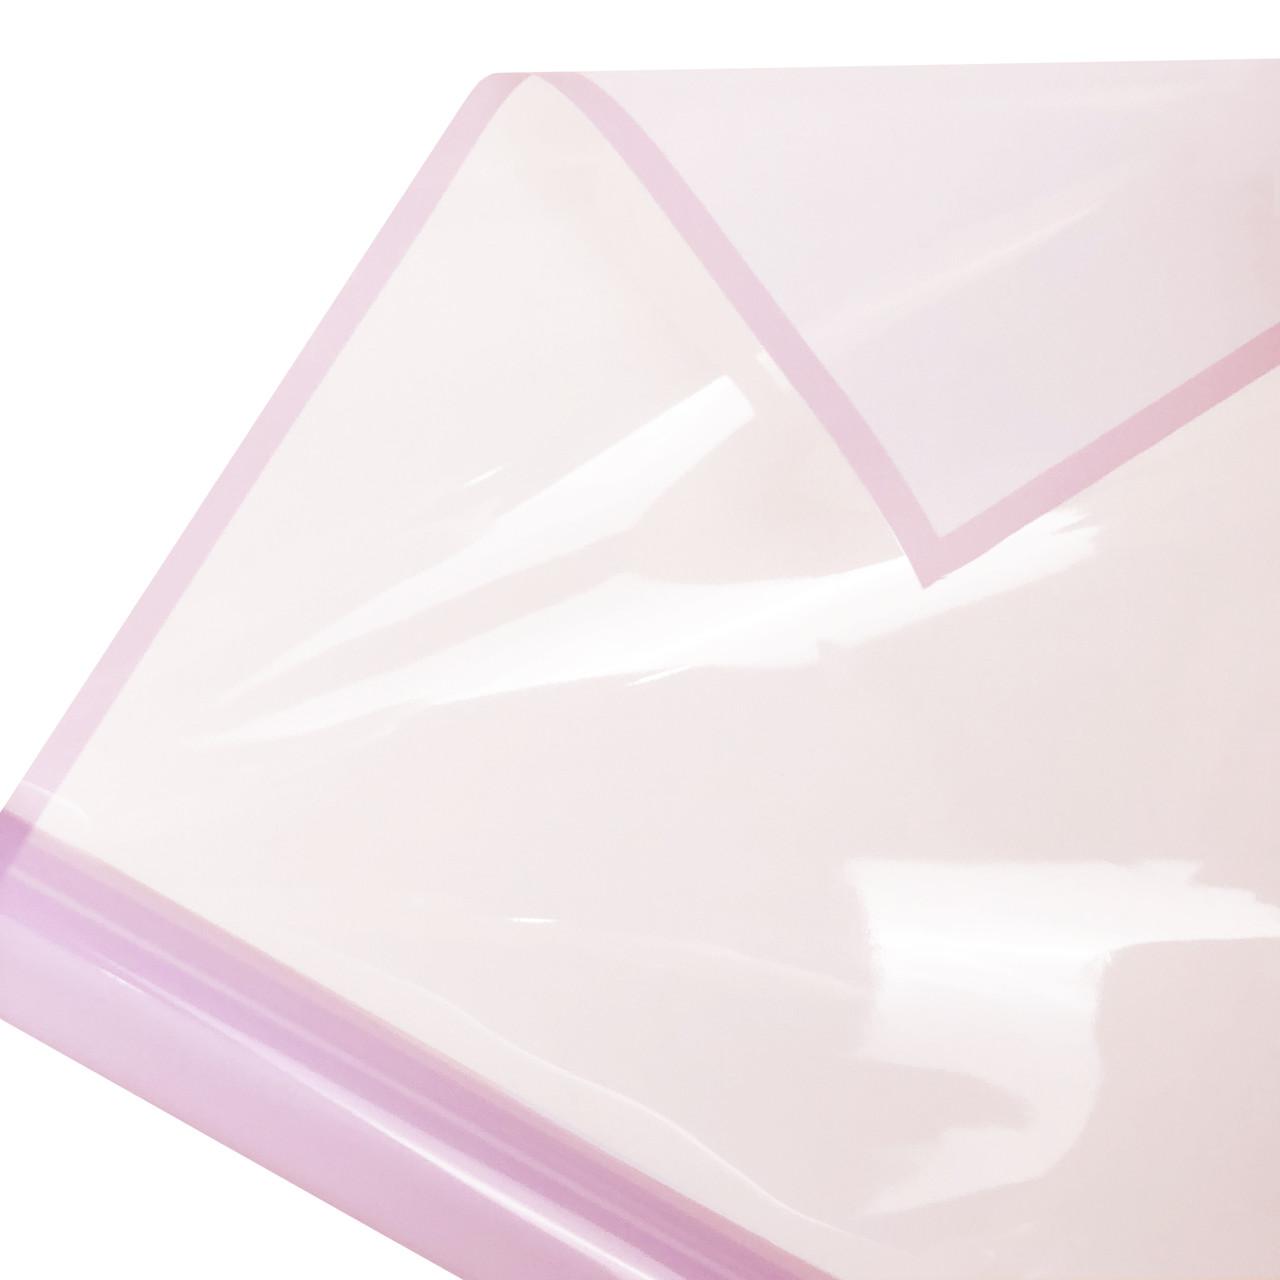 Калька глянцевий кант в рулоні світло-рожева 60*60 см (15 рамок)